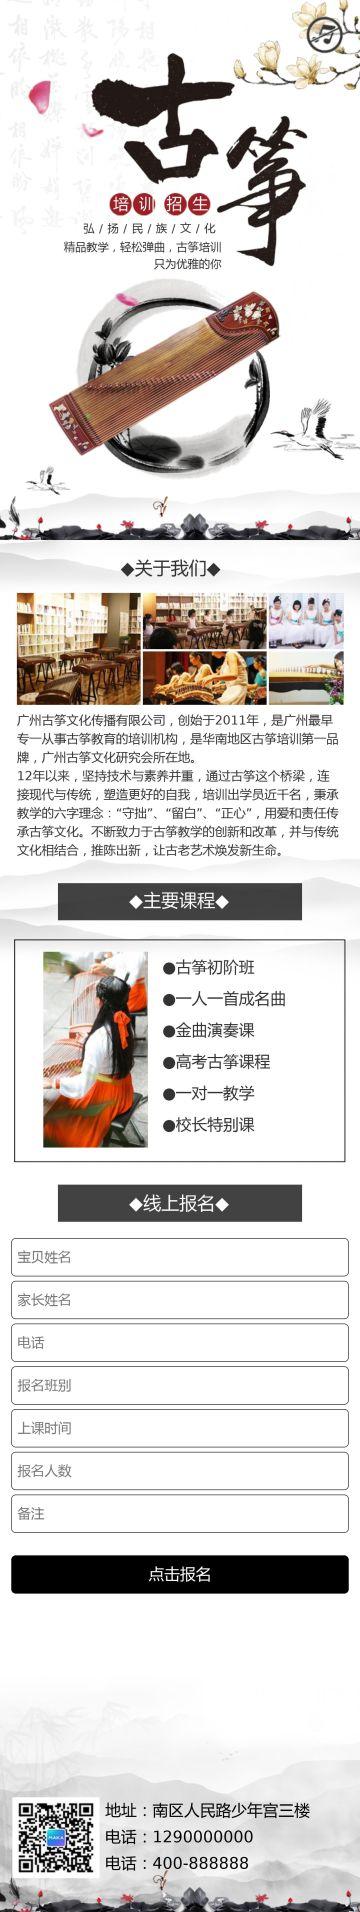 古筝培训招生宣传简约水墨风单页